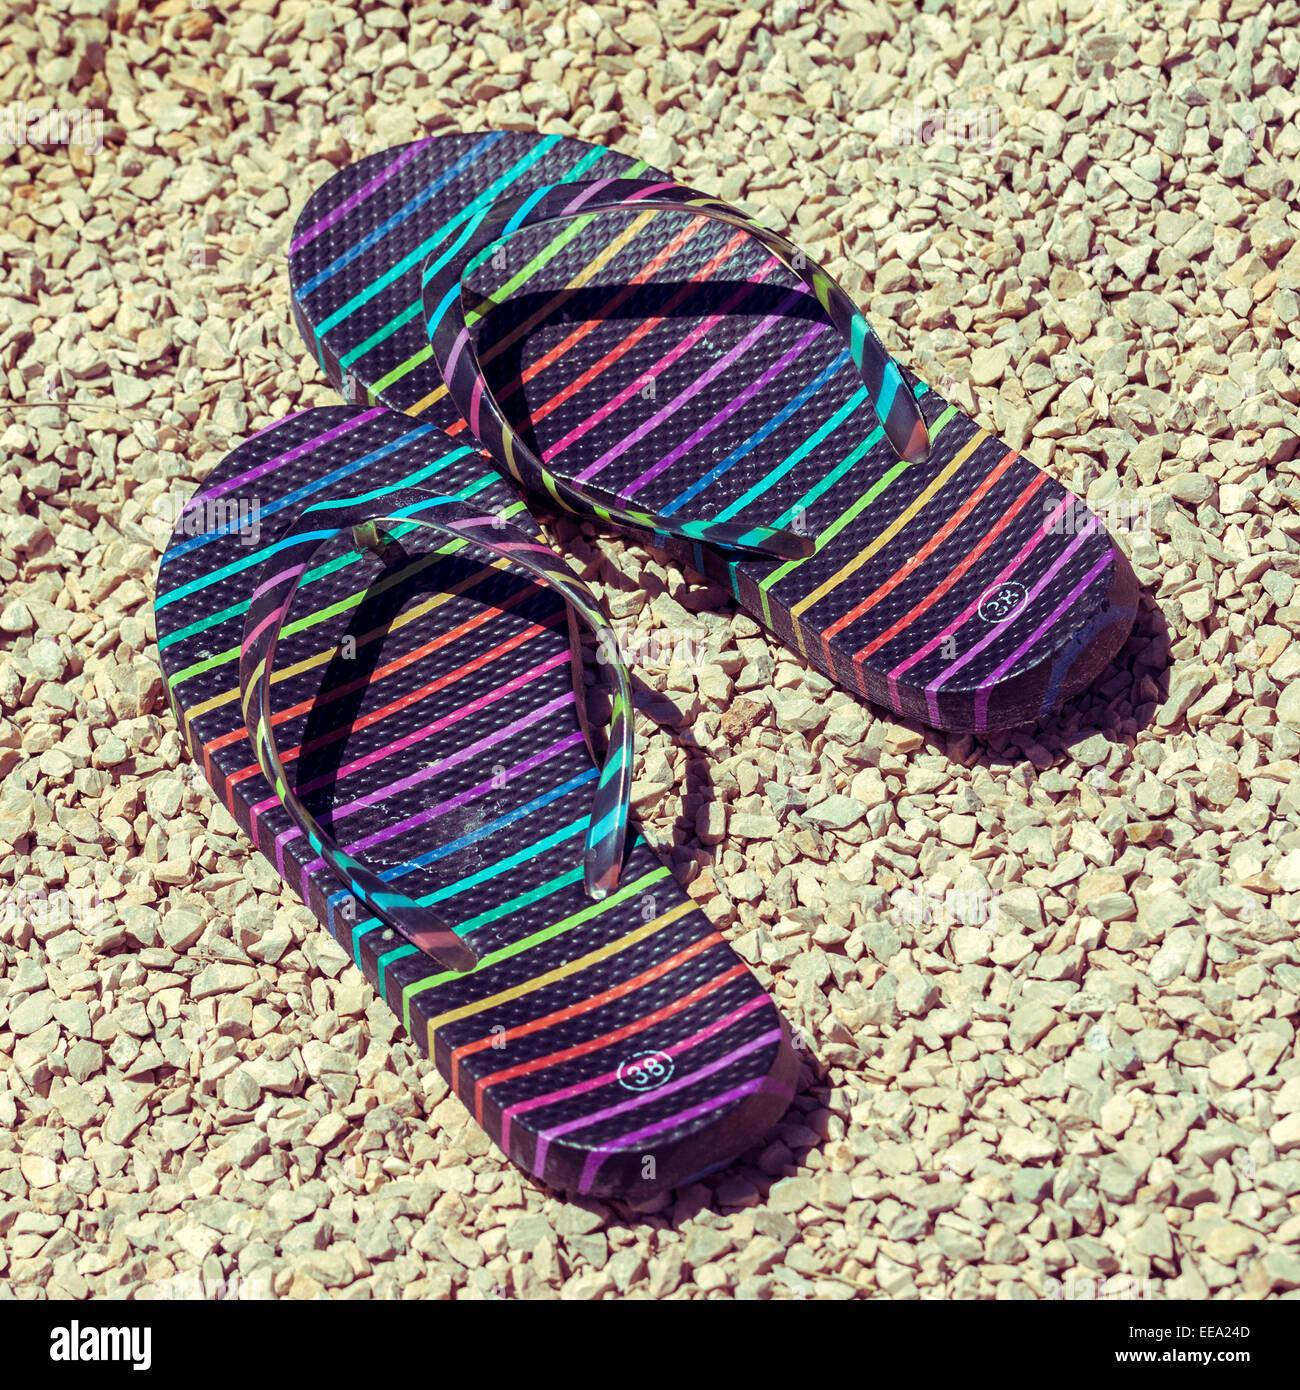 Picture Of Flip Flops Imágenes De Stock & Picture Of Flip Flops ...